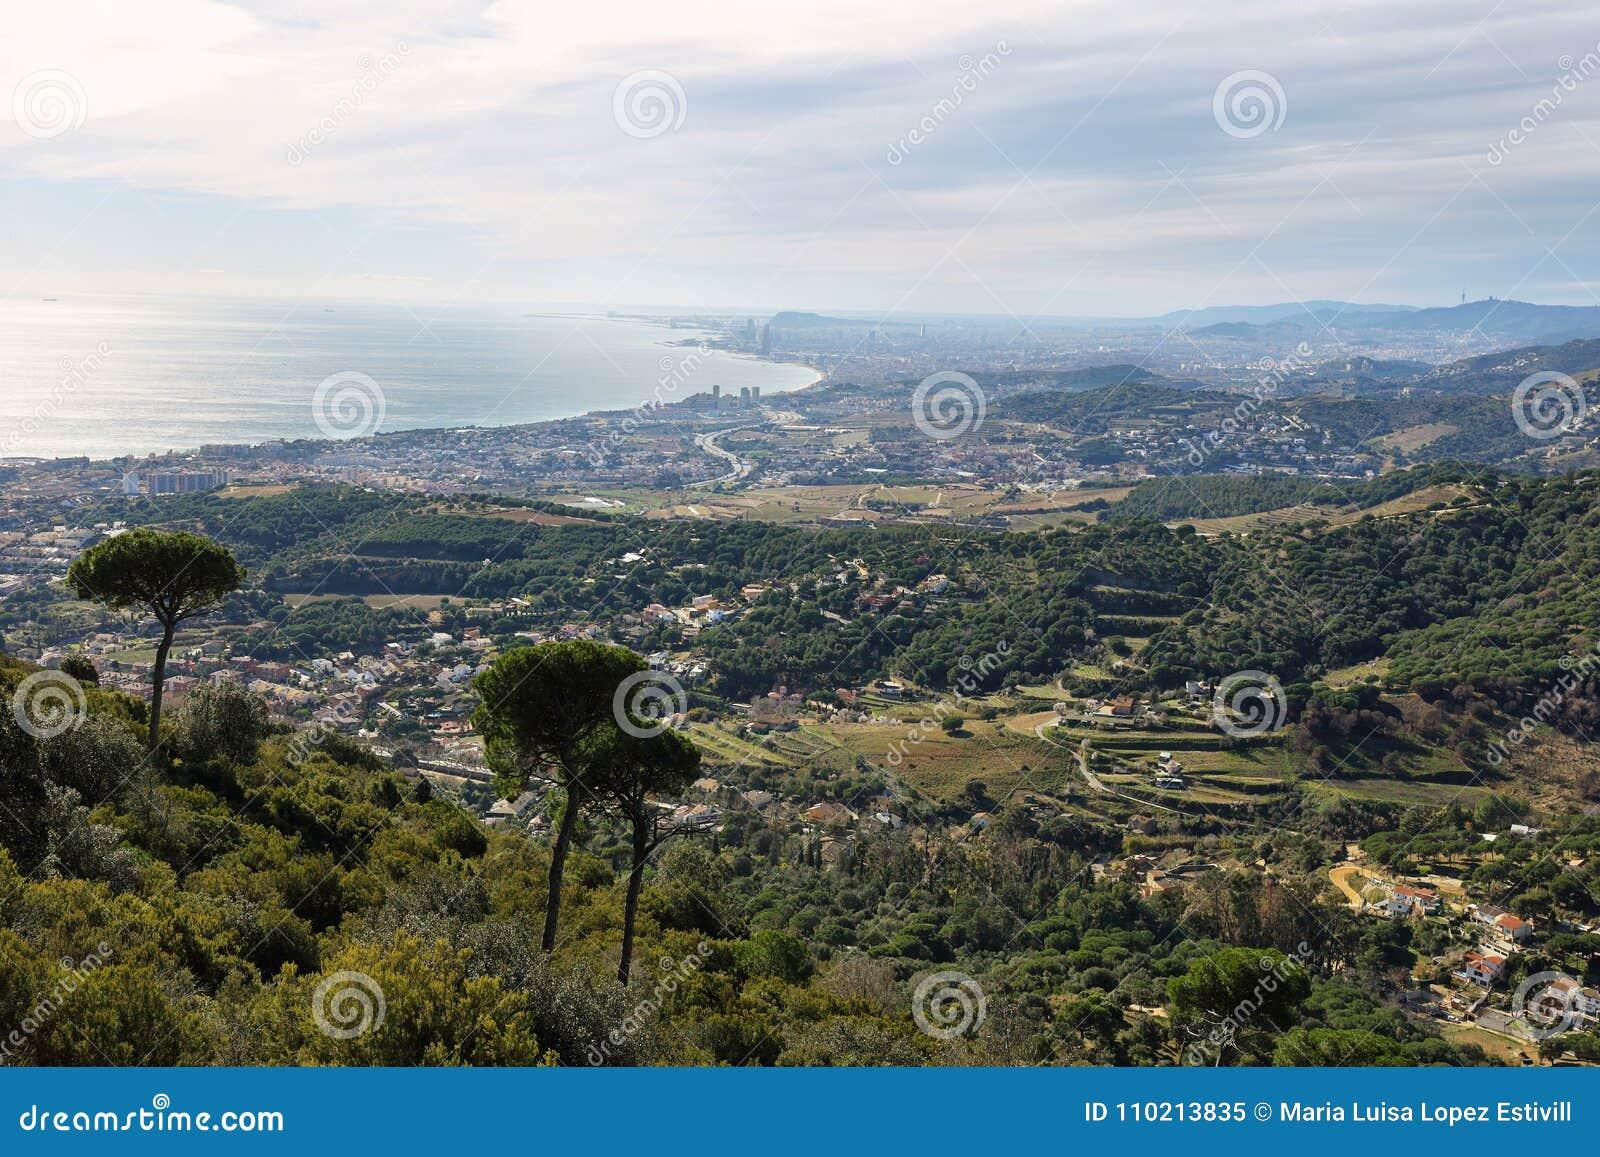 Barcelona skyline and coast